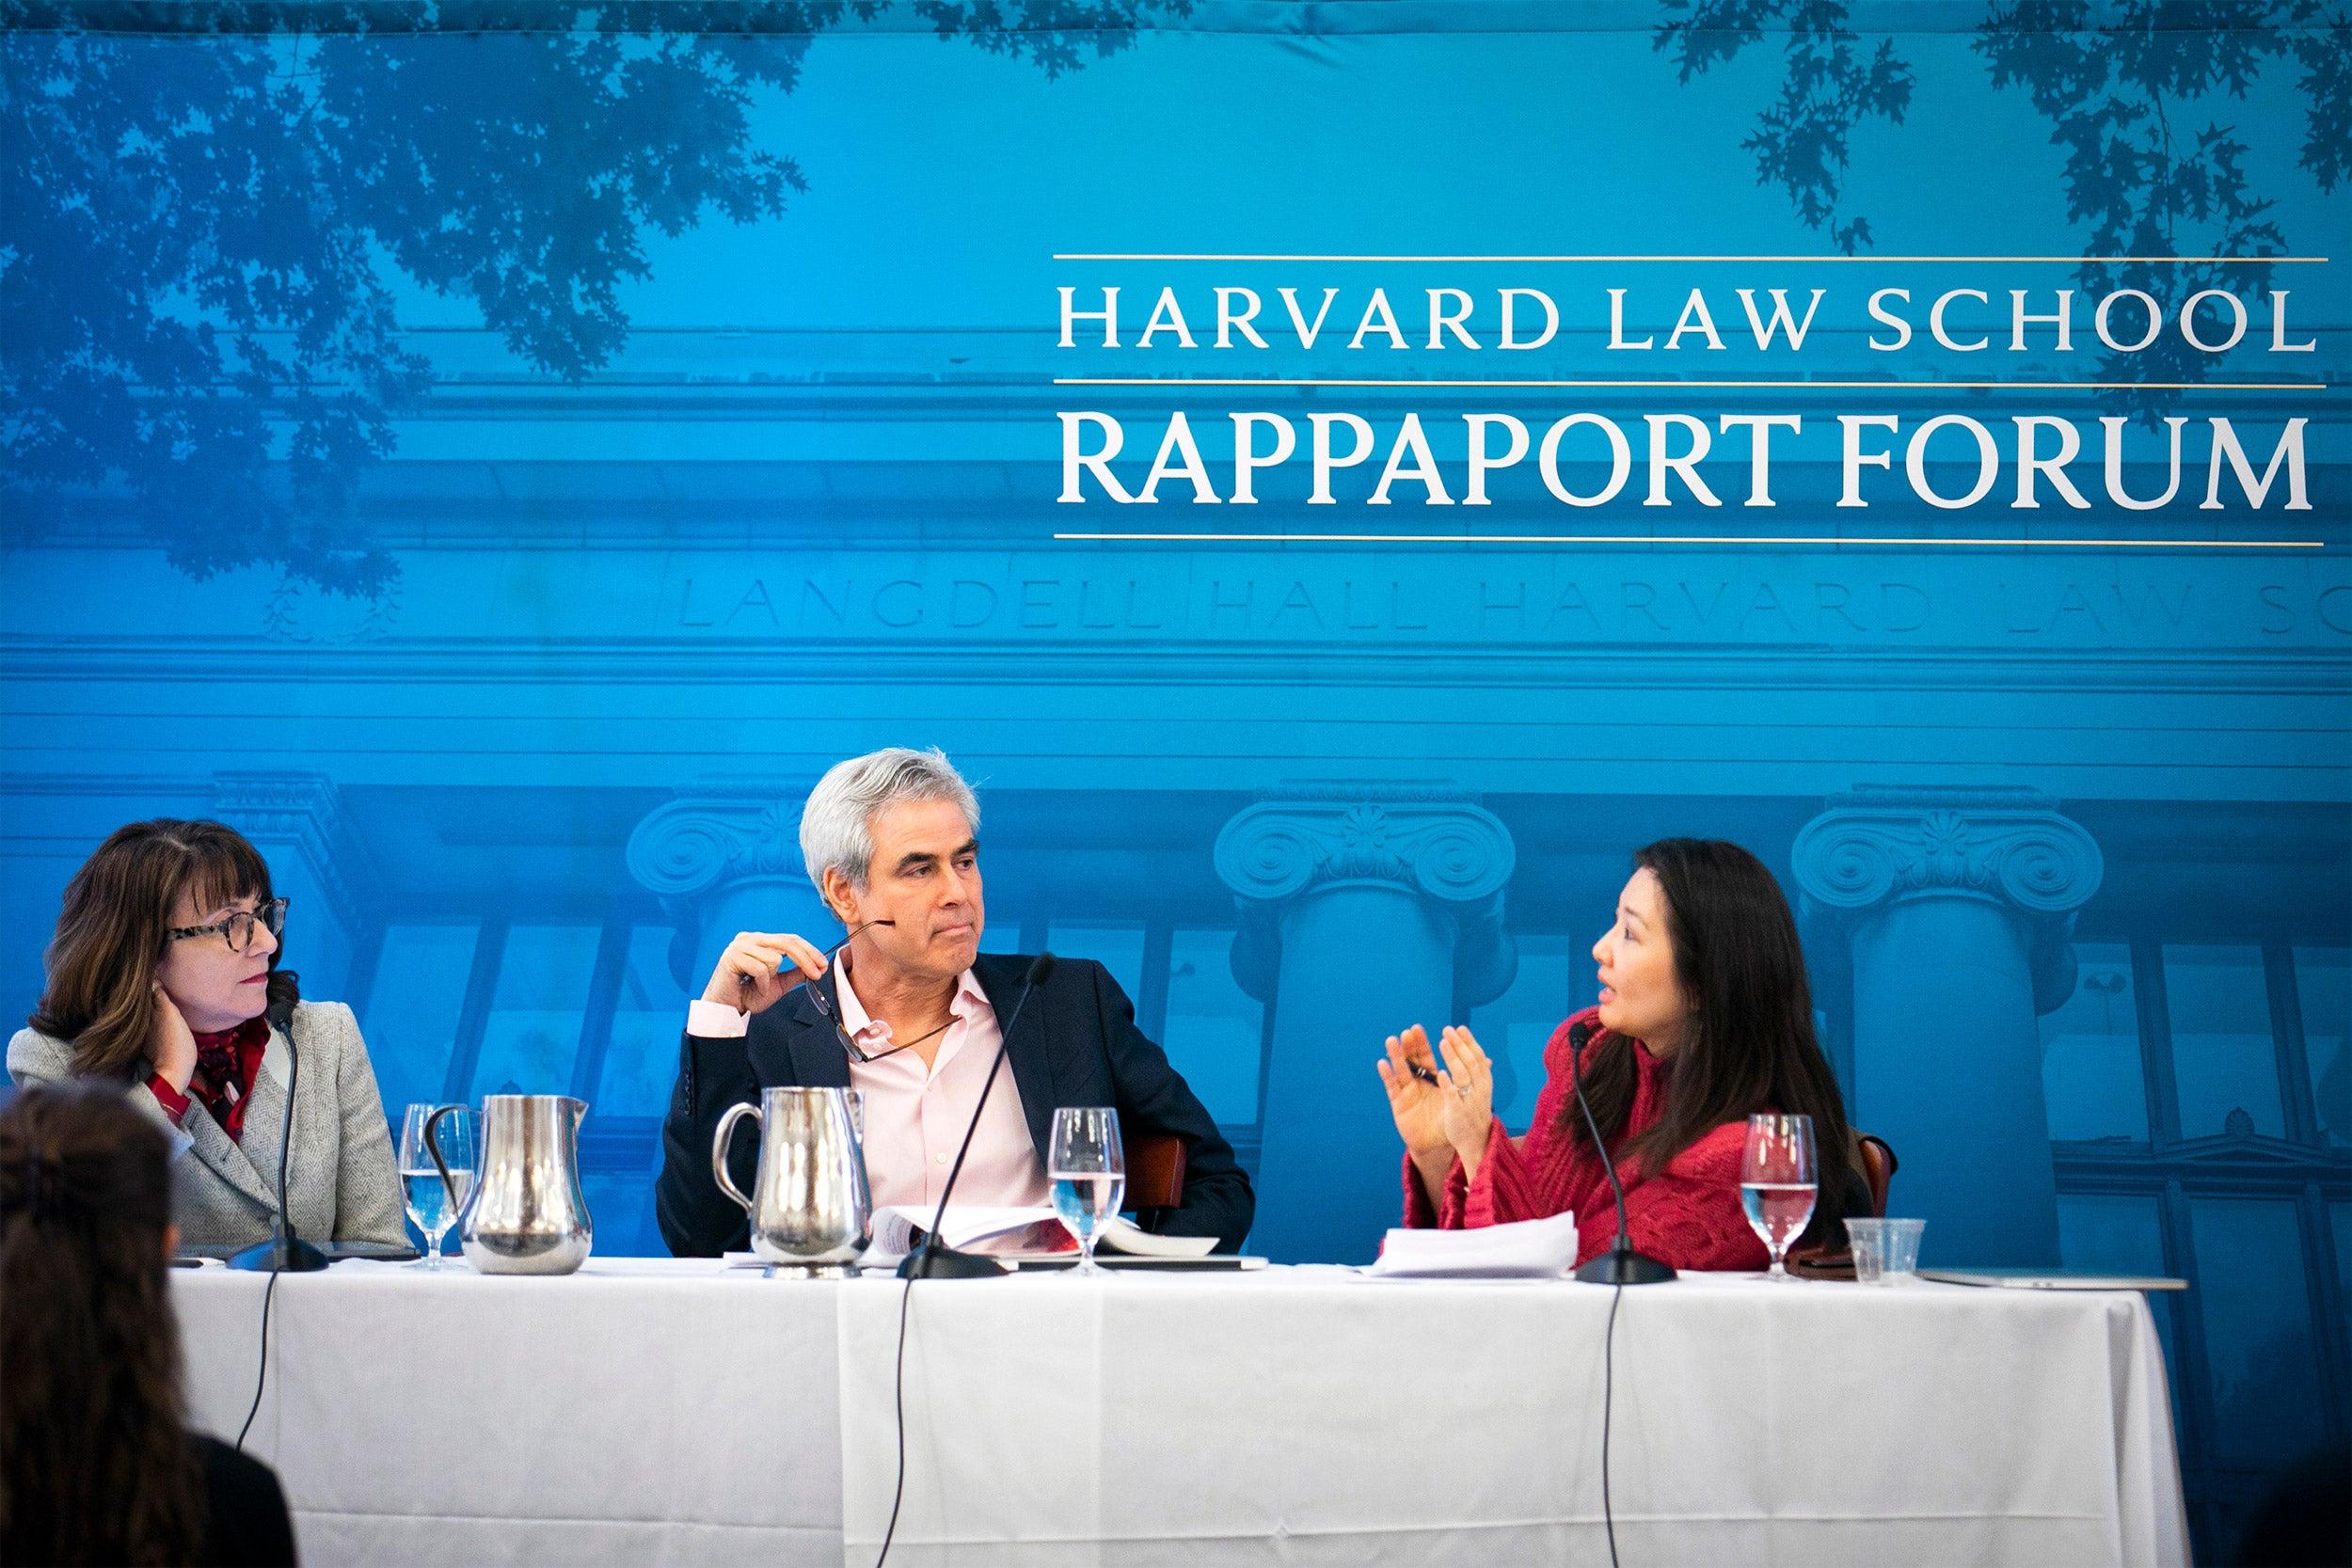 Panel of speakers at Harvard Law School.